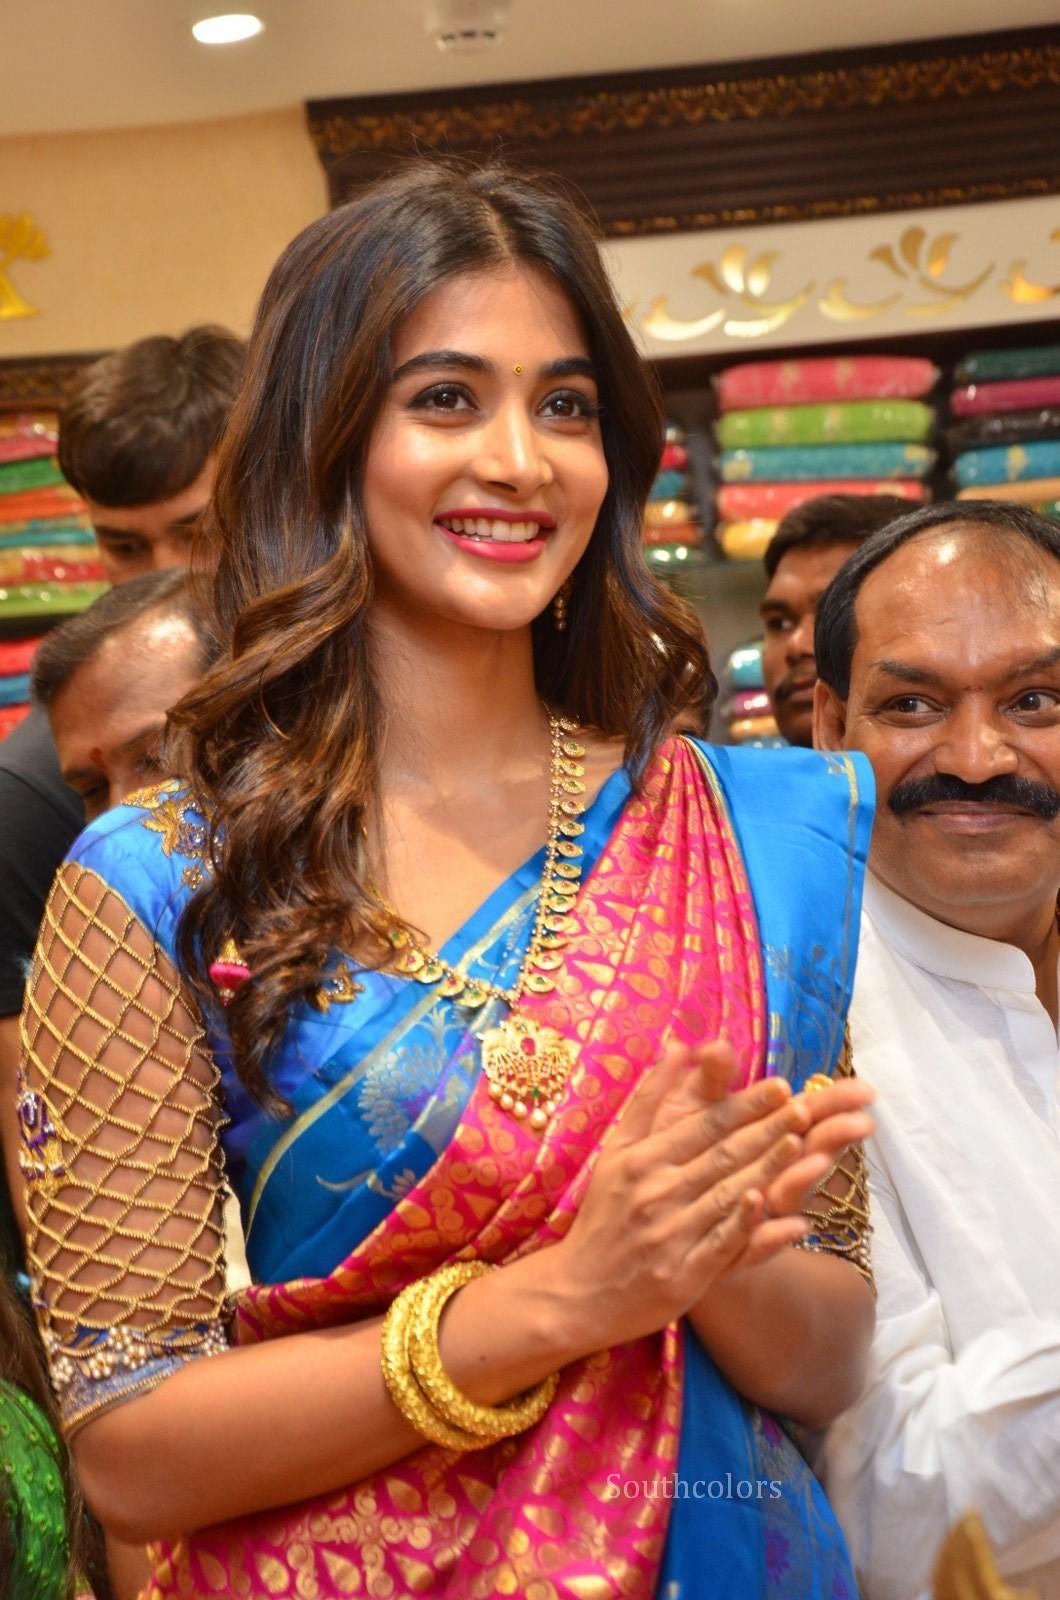 pooja hegde traditional saree photos southcolors 29